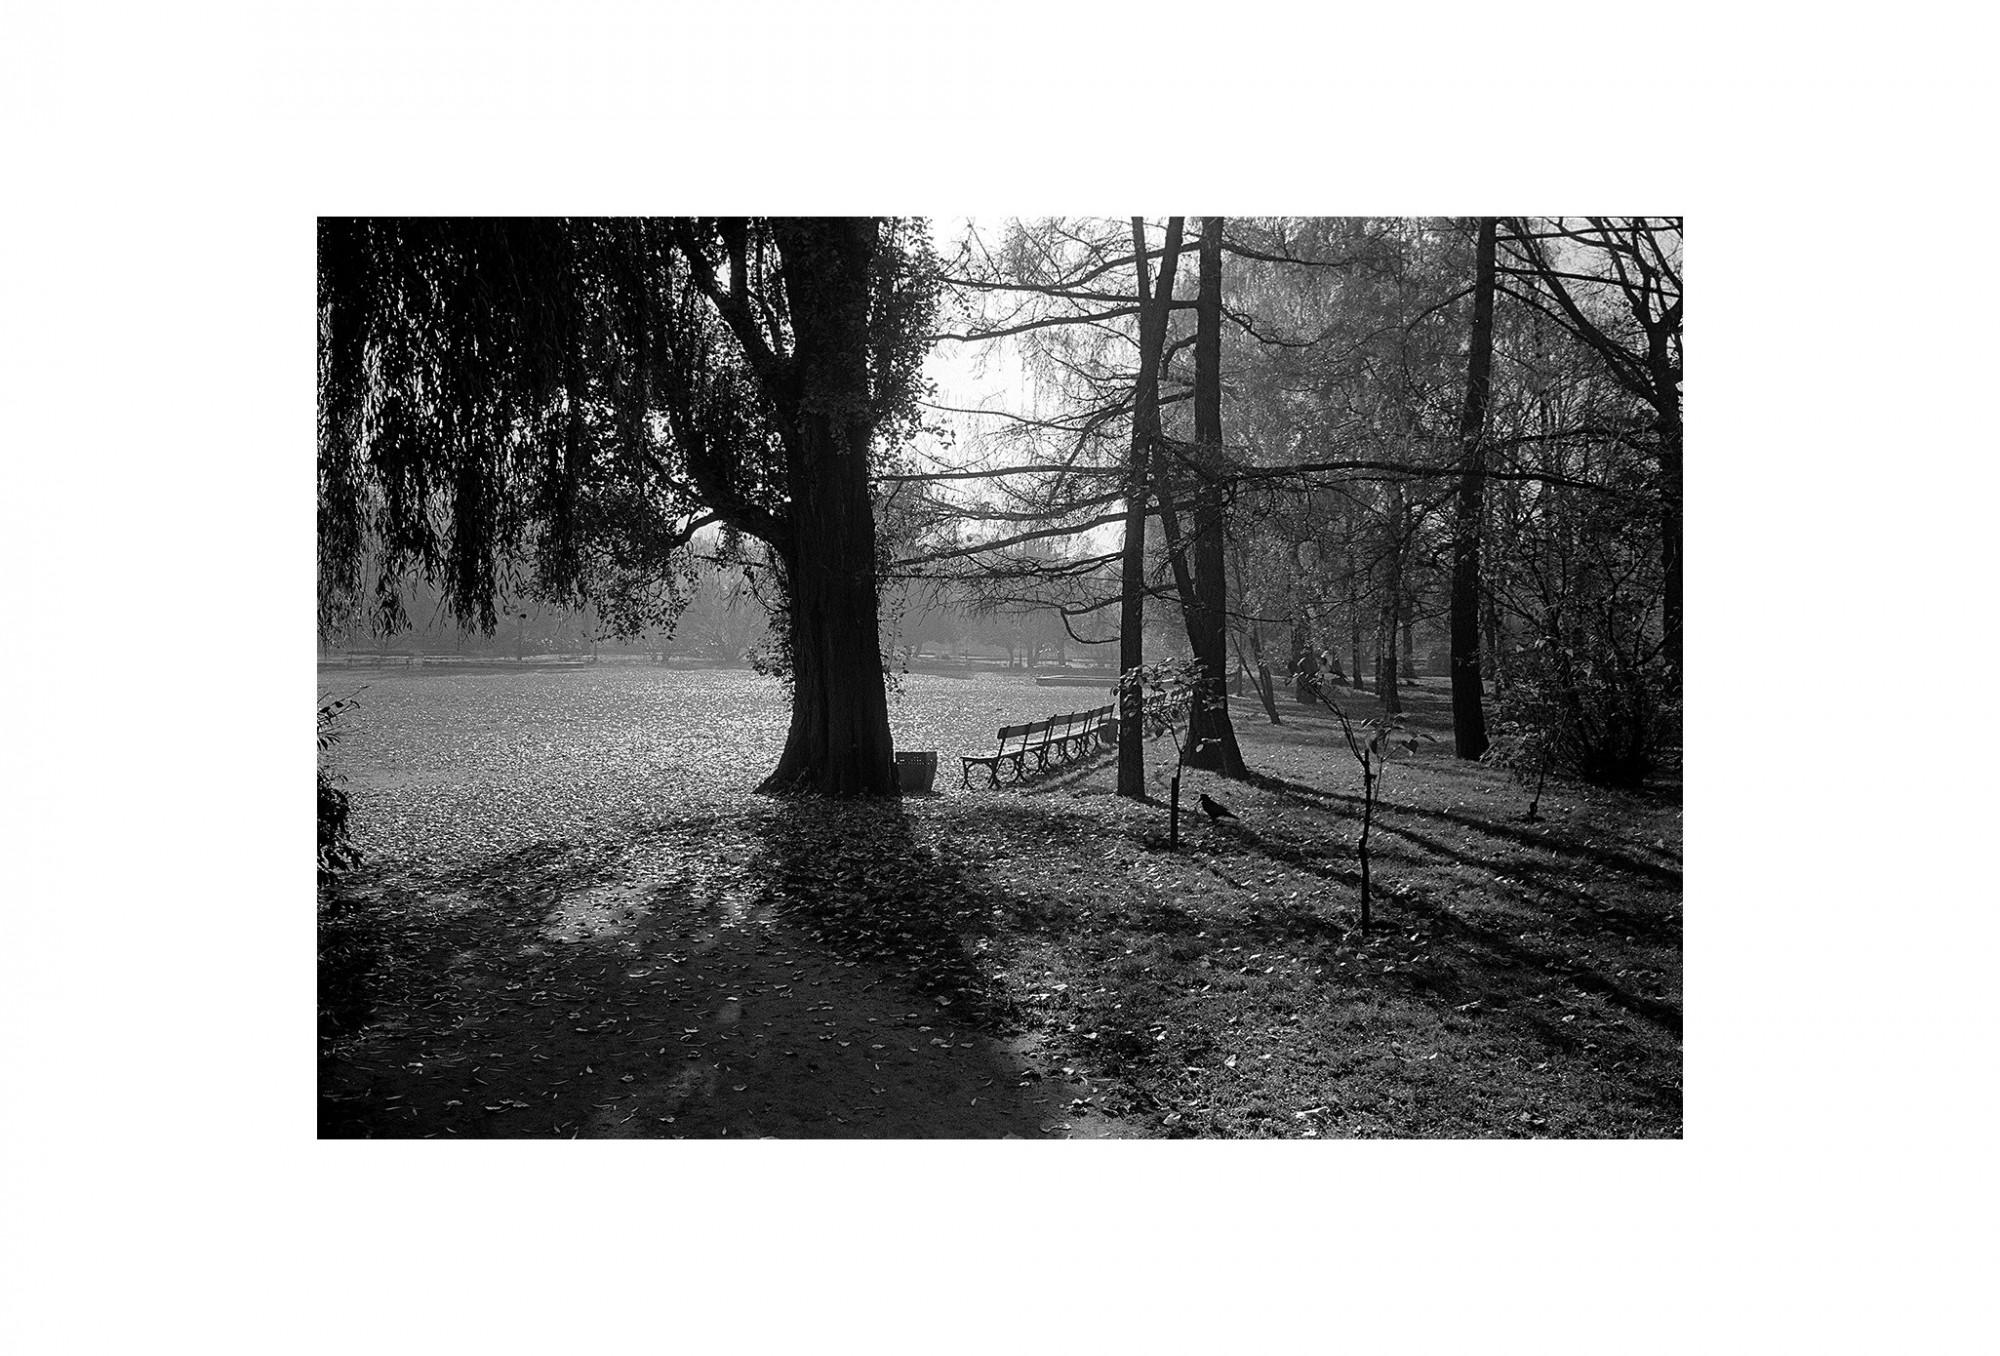 Afbeelding: Uit de reeks : Polen, een kast op glazen poten, 93-12-12, Warschau, © Dominique Van Huffel.